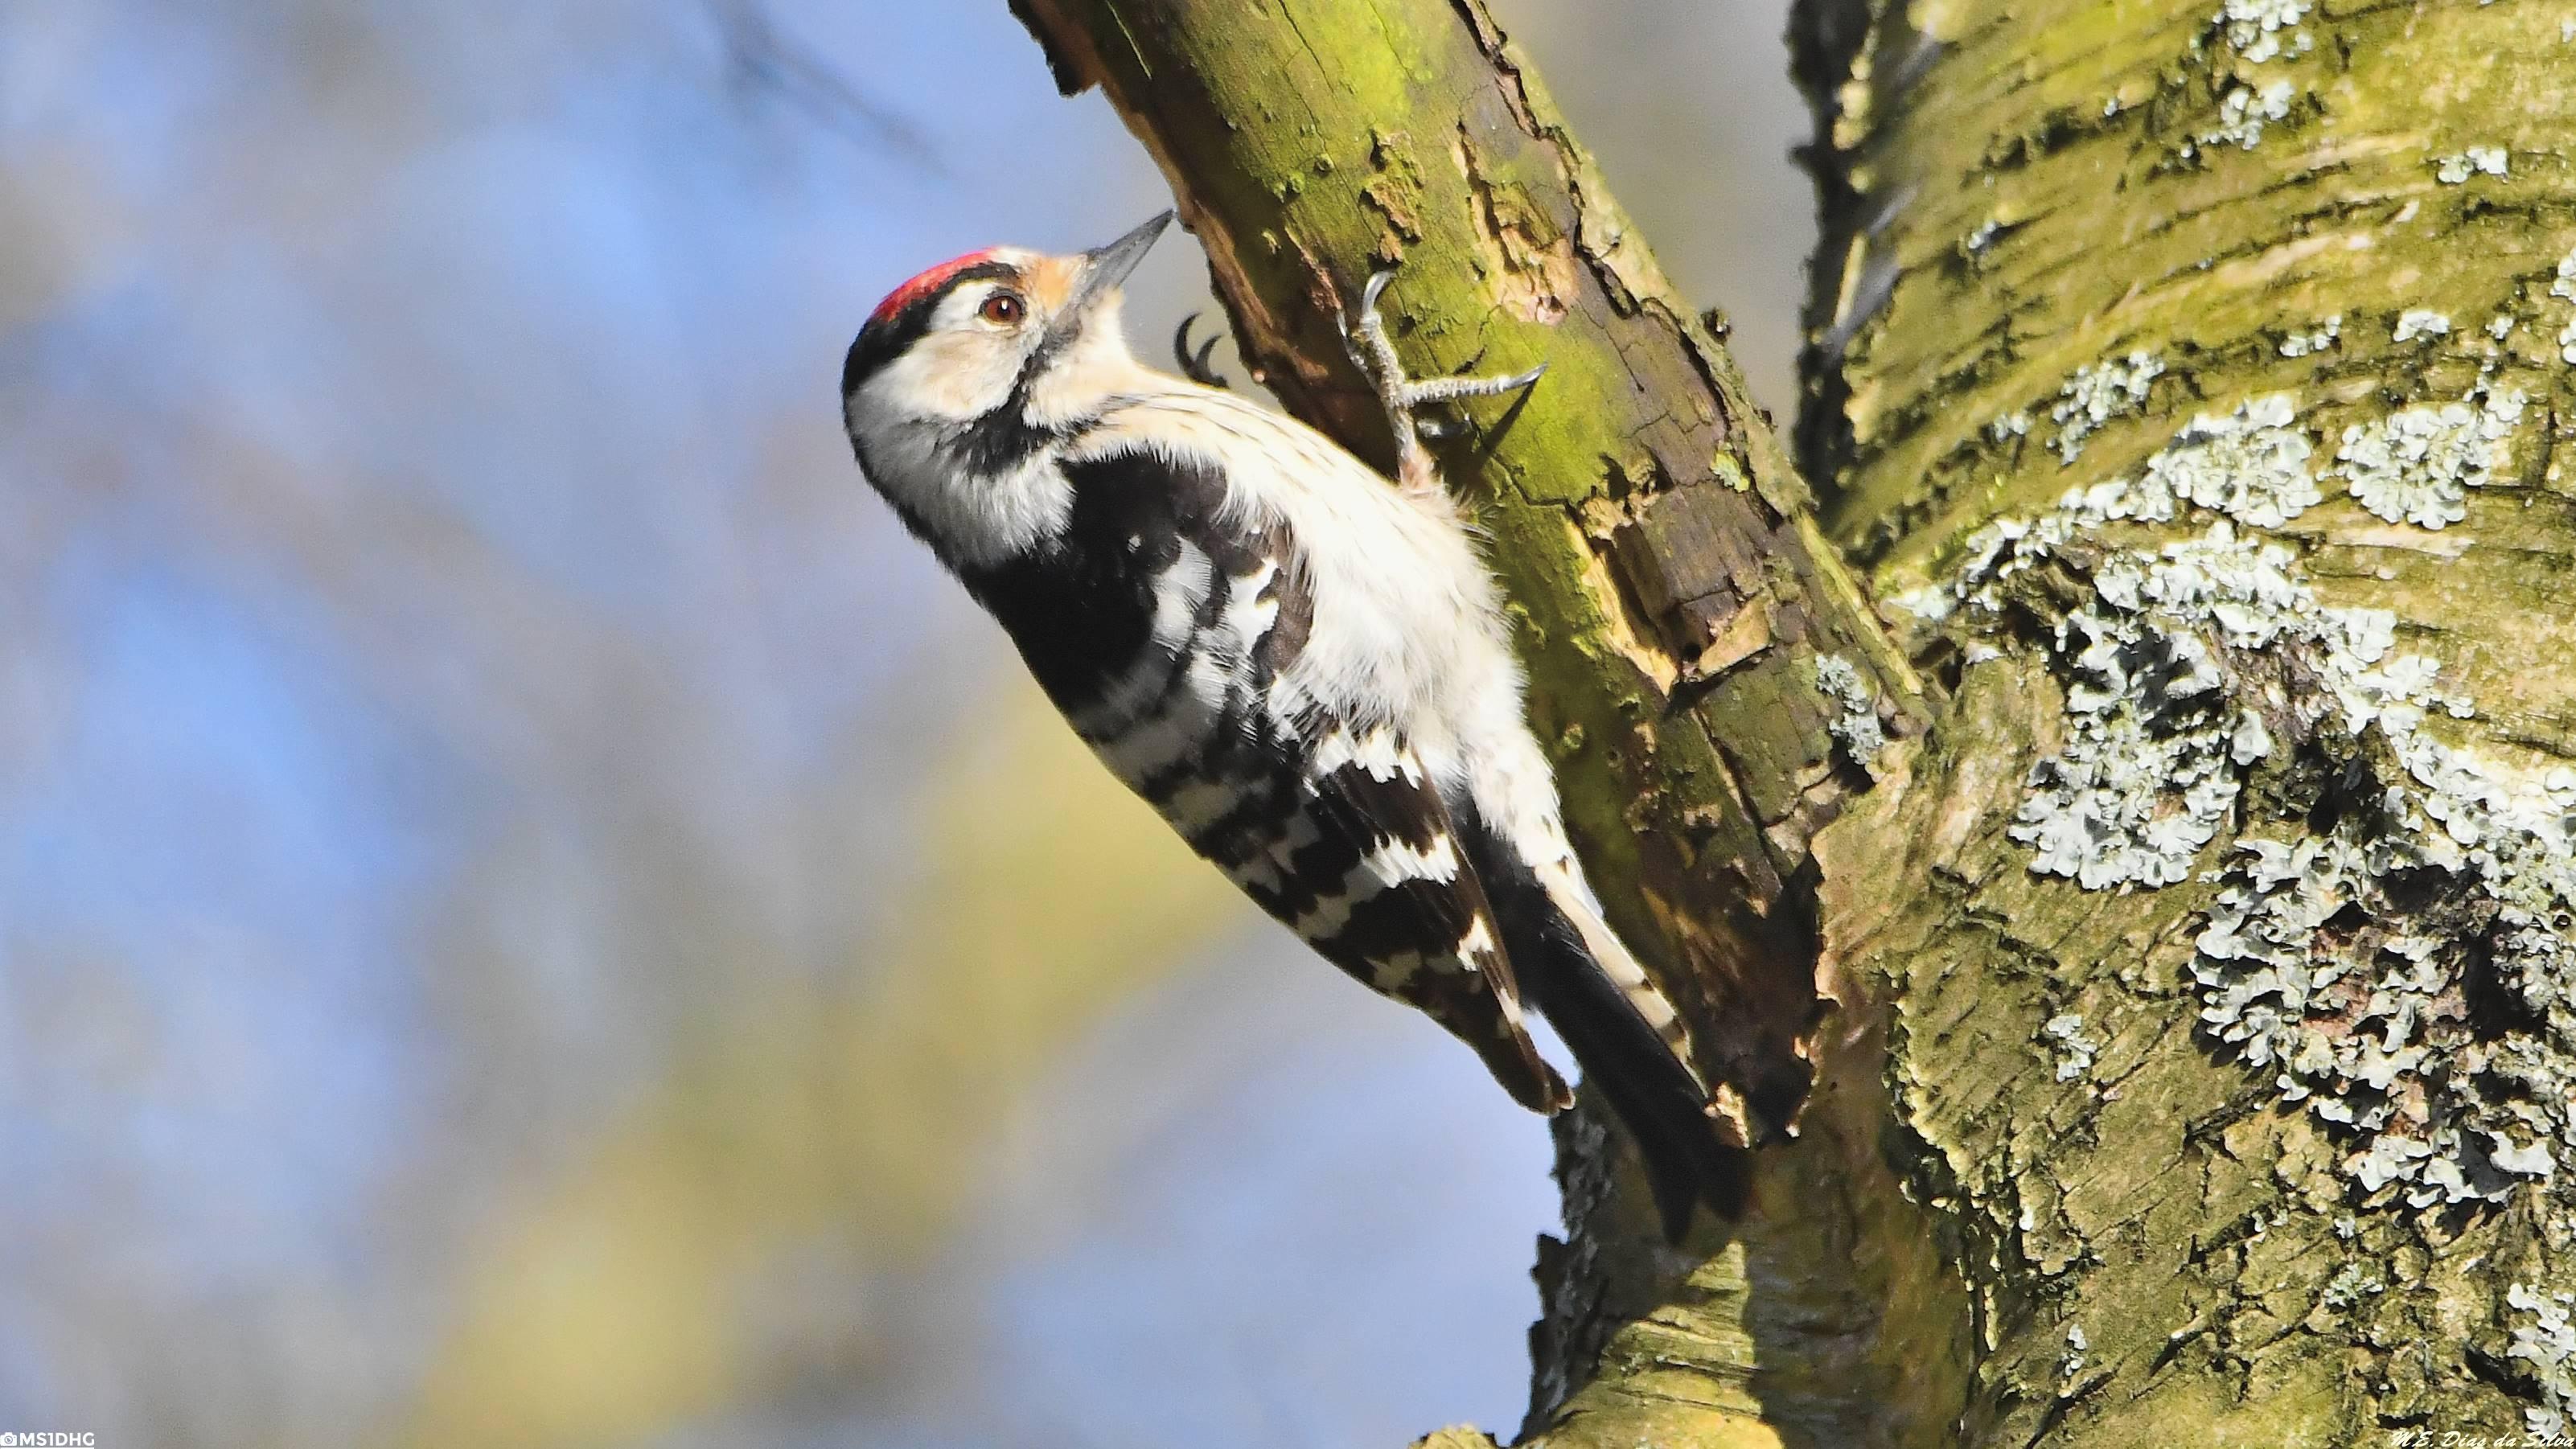 Fórum Aves - Birdwatching em Portugal - Portal Pica-pau-malhado-pequeno